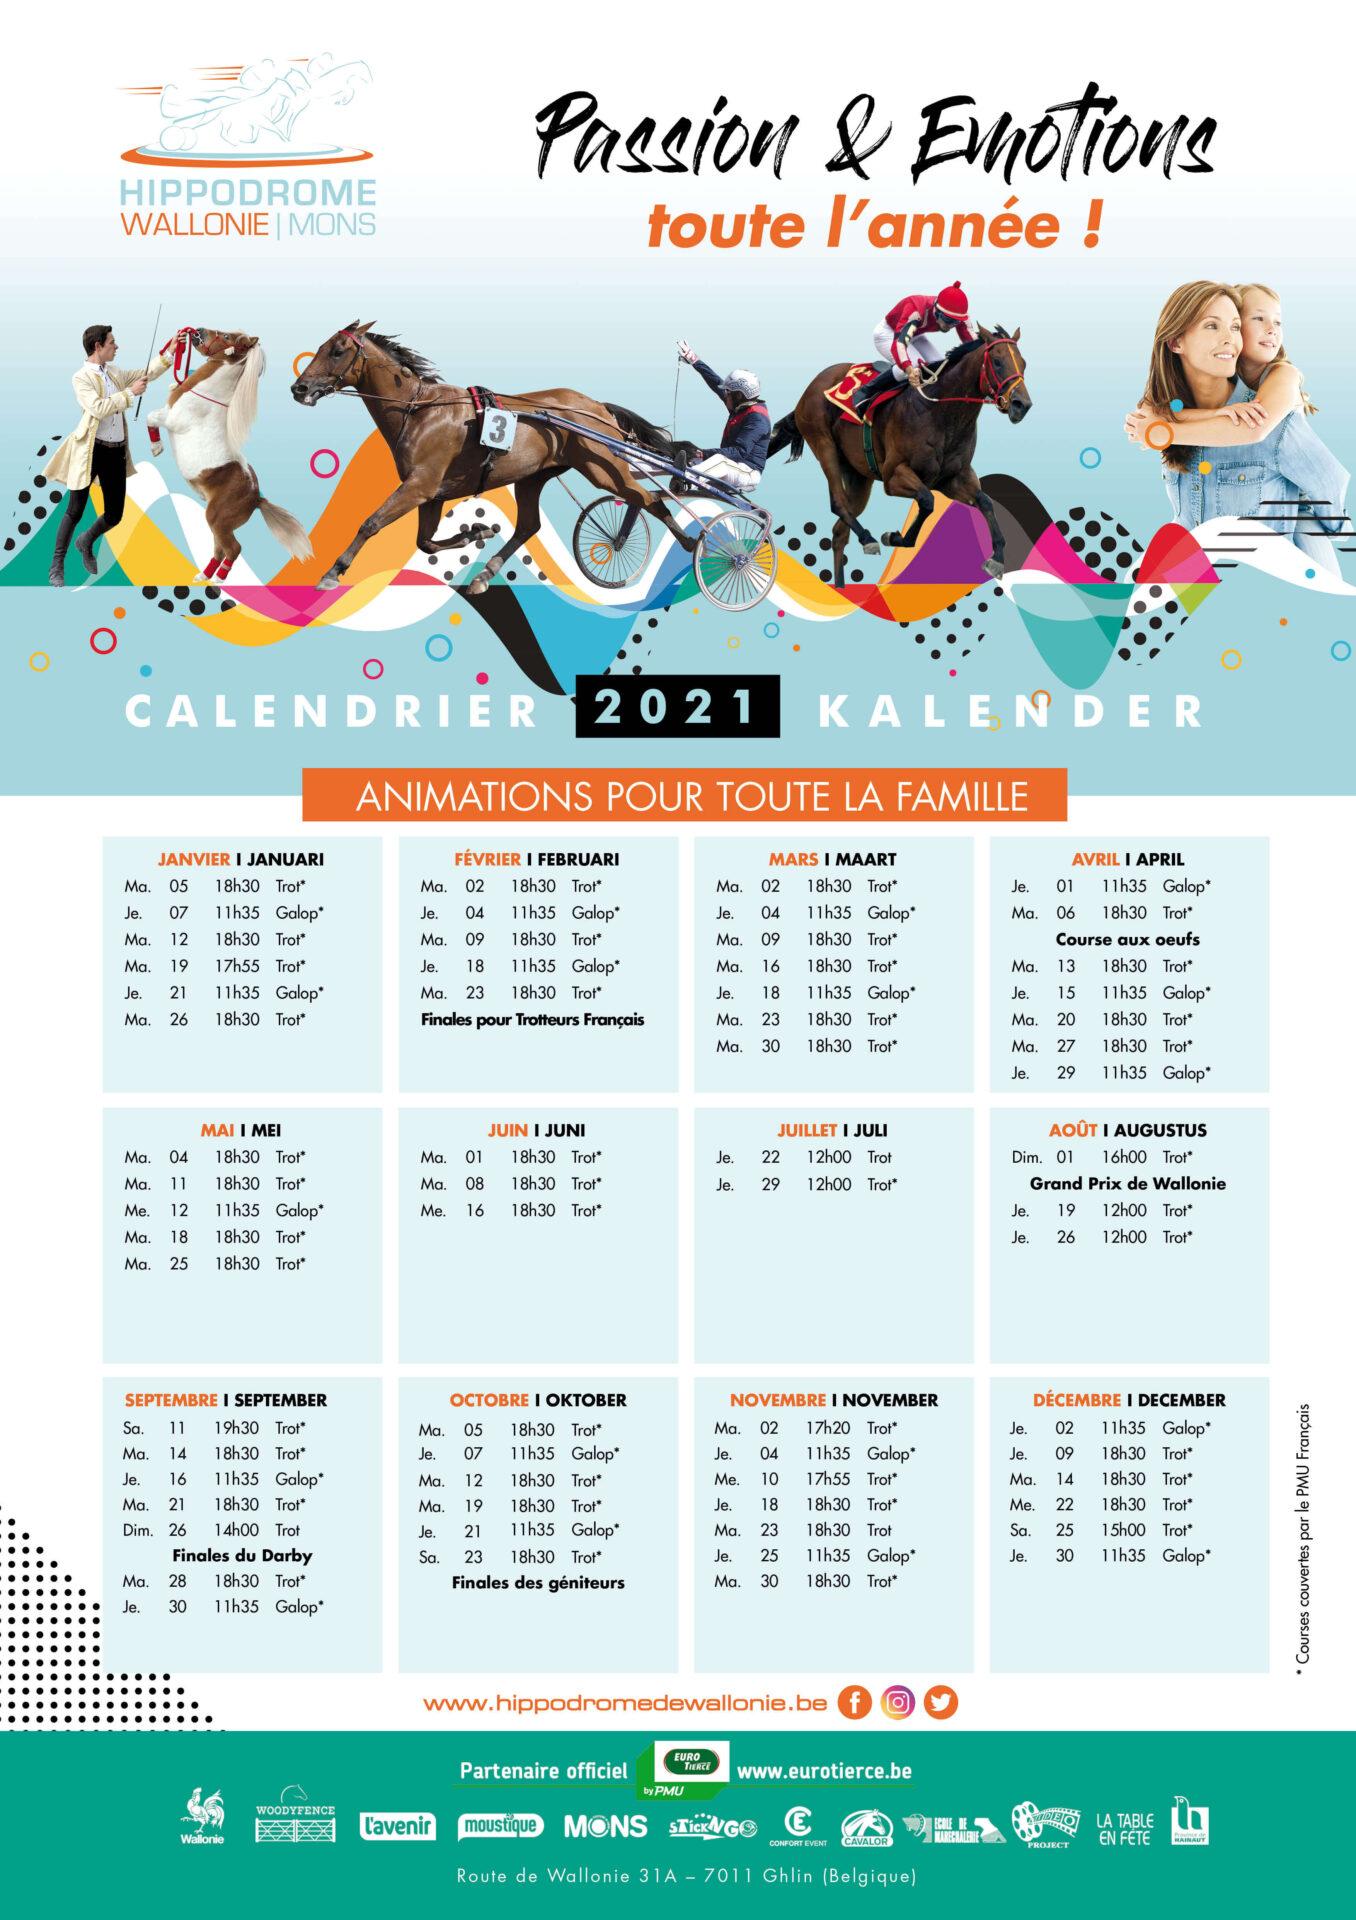 Calendrier Pmu 2022 Calendrier may 2021: Calendrier Quinte 2021